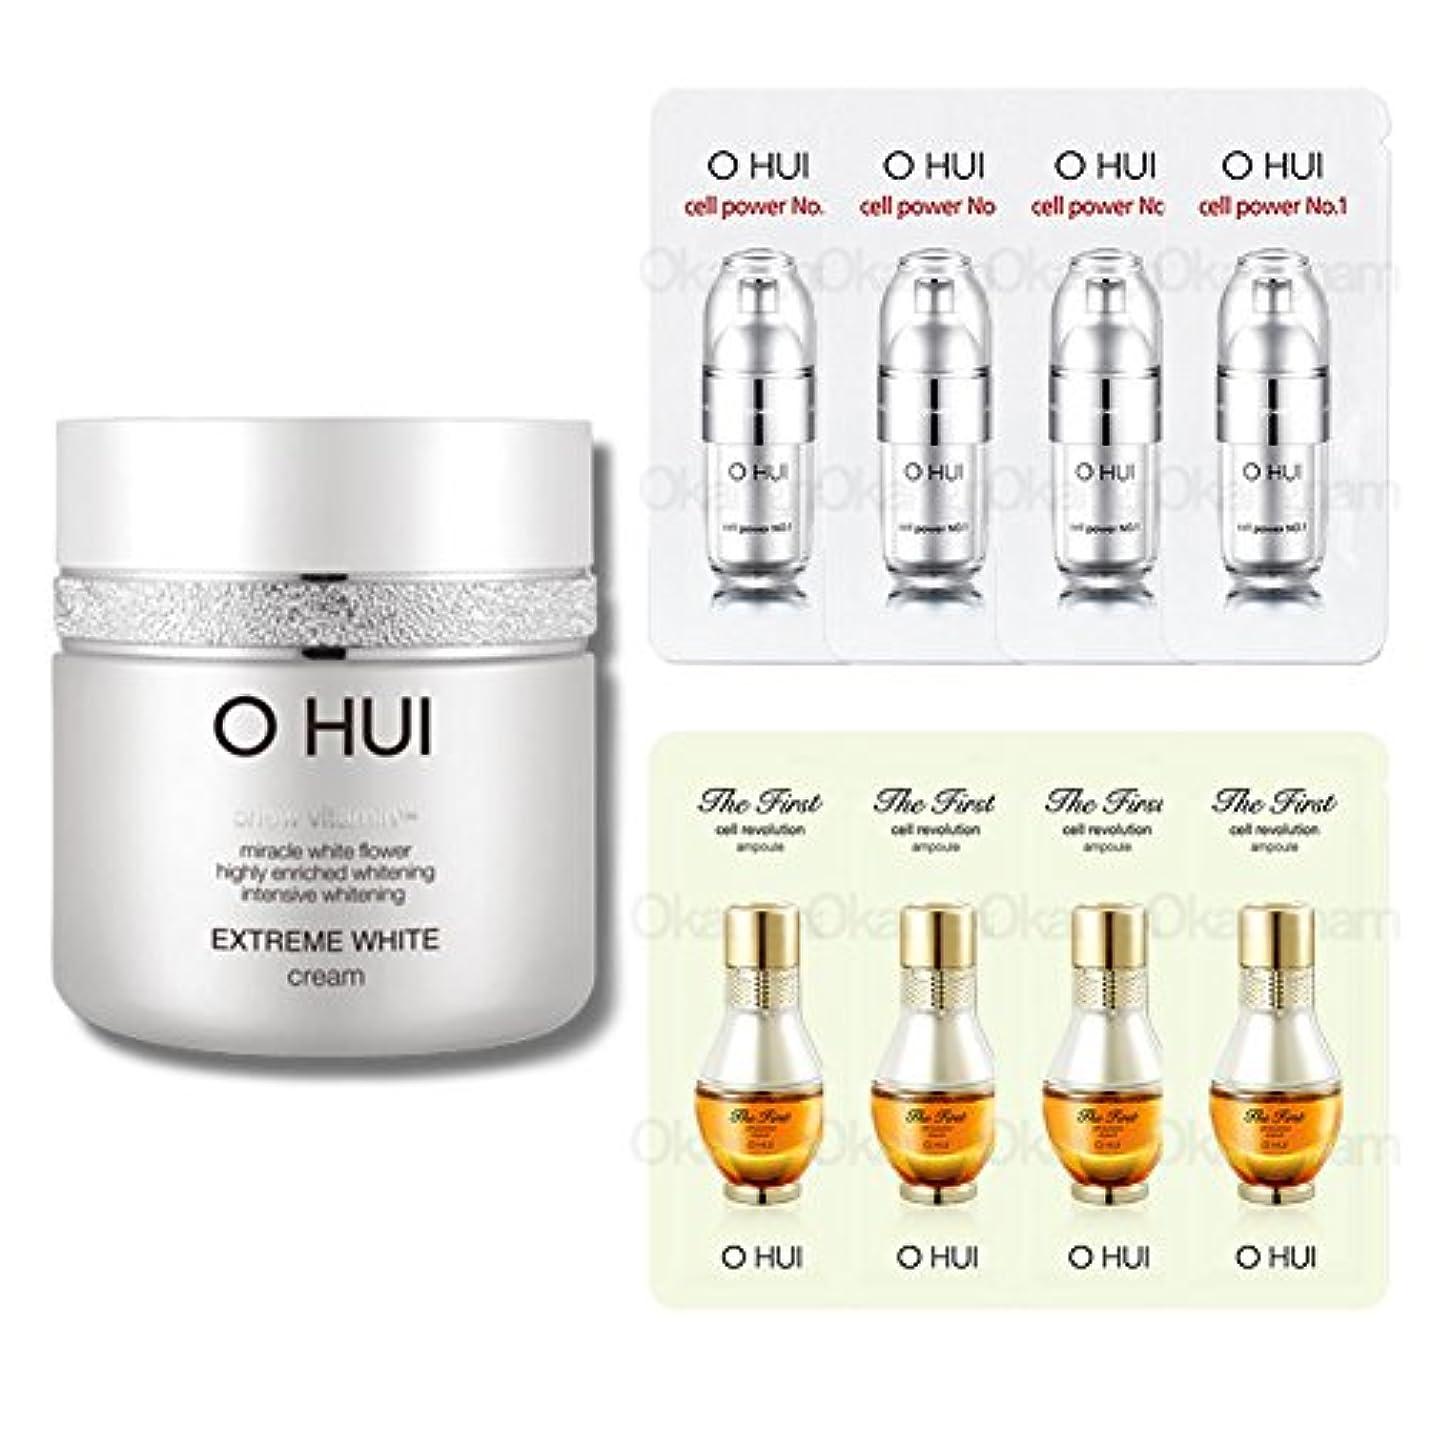 突き刺す羽マウス[オフィ/ O HUI]韓国化粧品 LG生活健康/ OHUI OEW04 EXTREME WHITE CREAM/オフィ エクストリーム ホワイトクリーム 50ml +[Sample Gift](海外直送品)